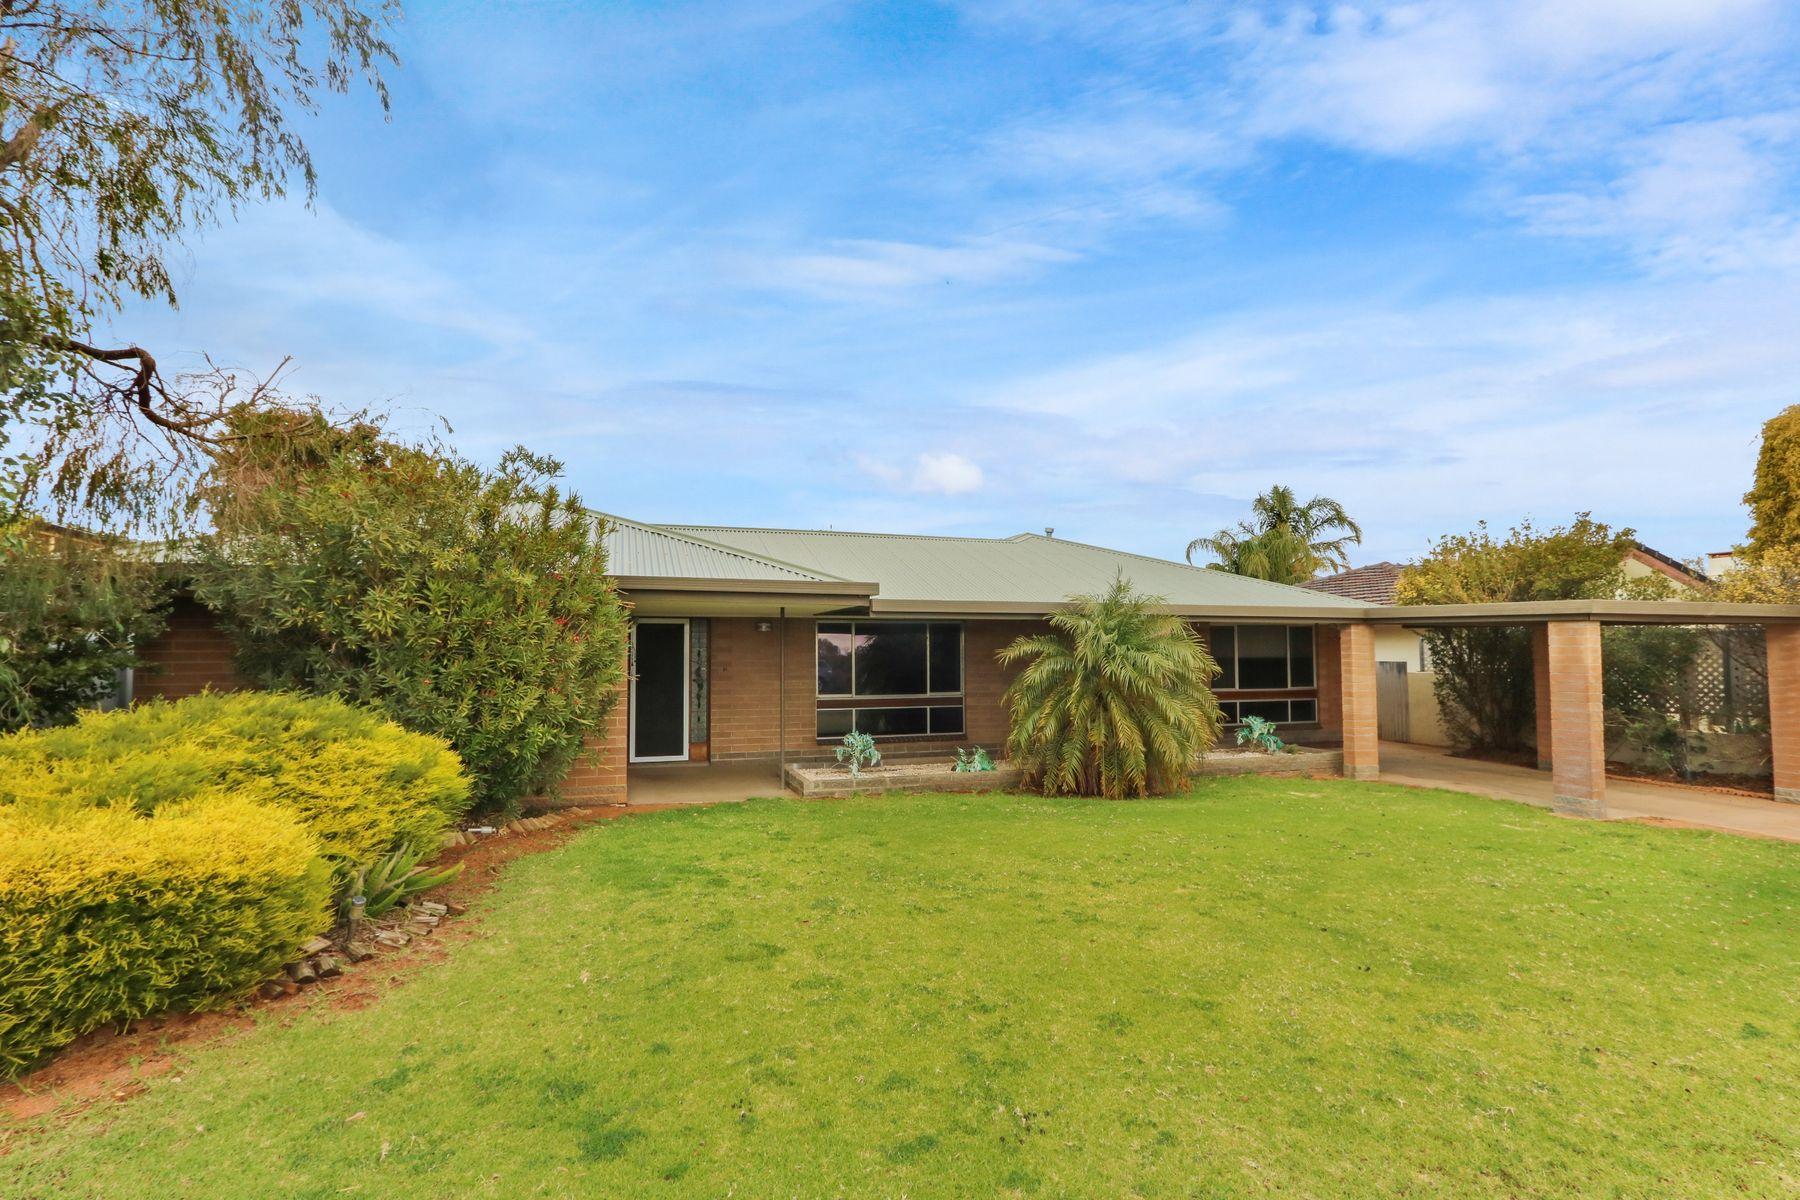 111 Schlapp Street, Broken Hill, NSW 2880